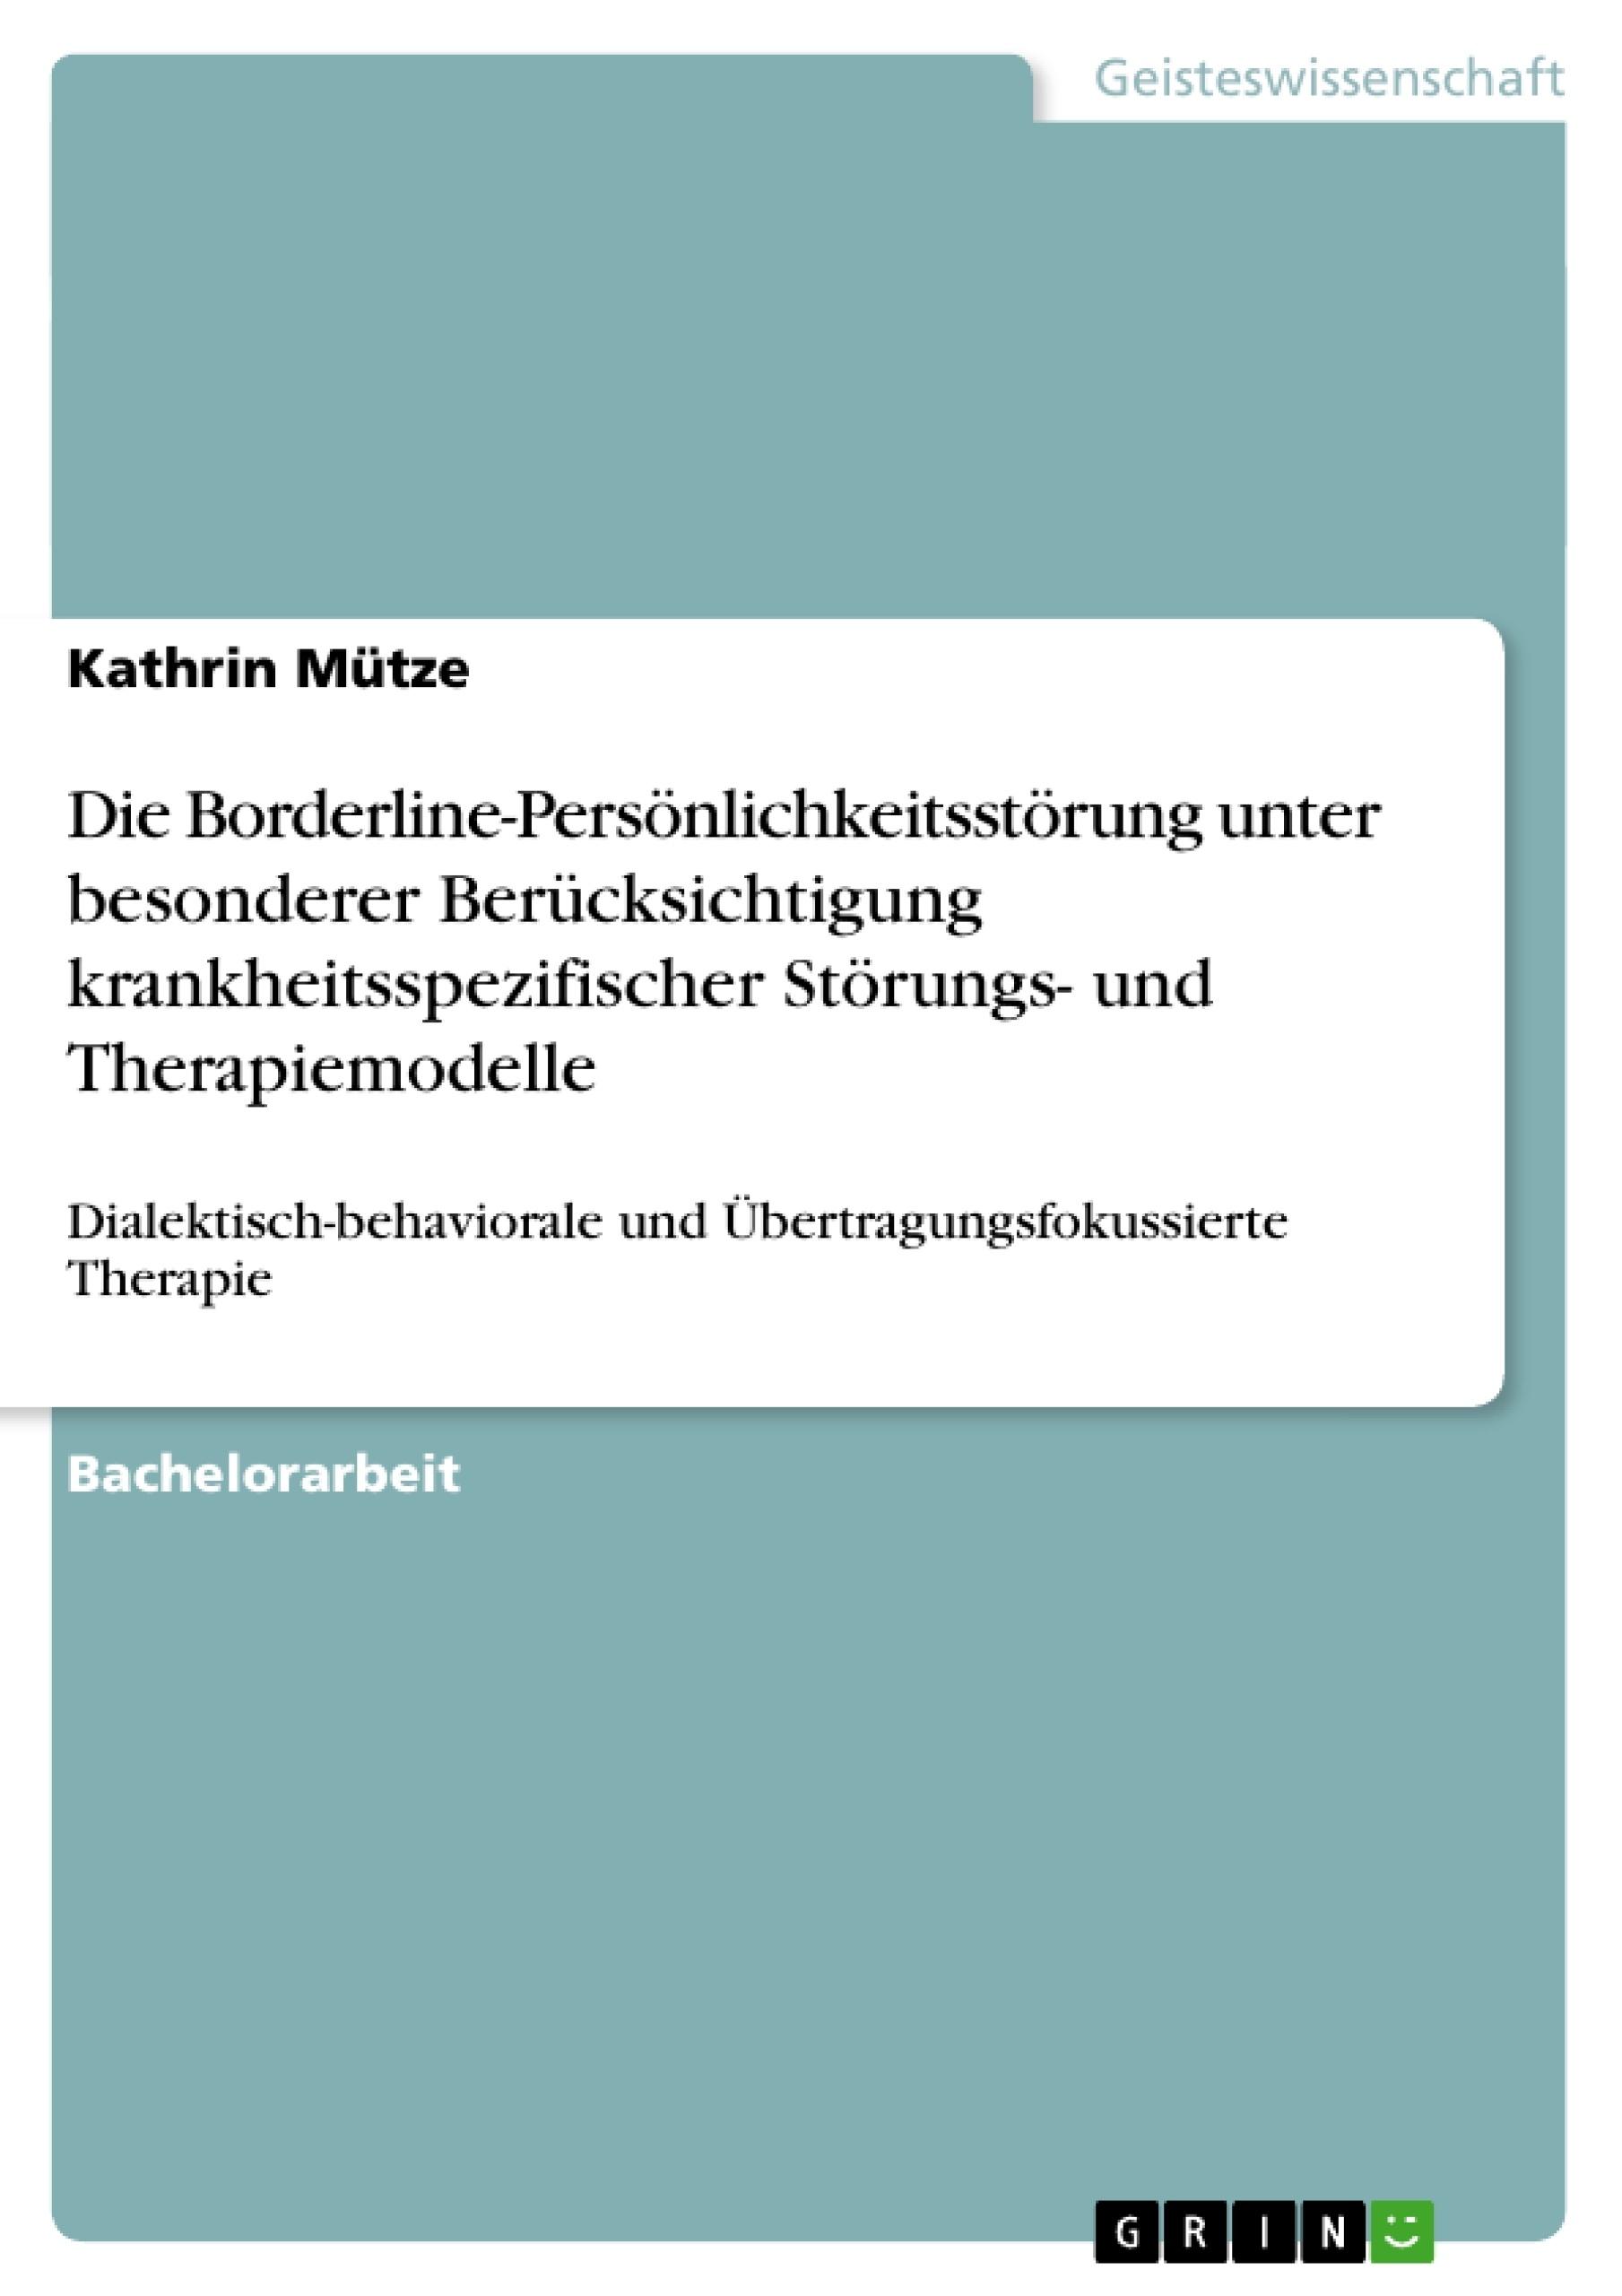 Titel: Die Borderline-Persönlichkeitsstörung unter besonderer Berücksichtigung krankheitsspezifischer Störungs- und Therapiemodelle